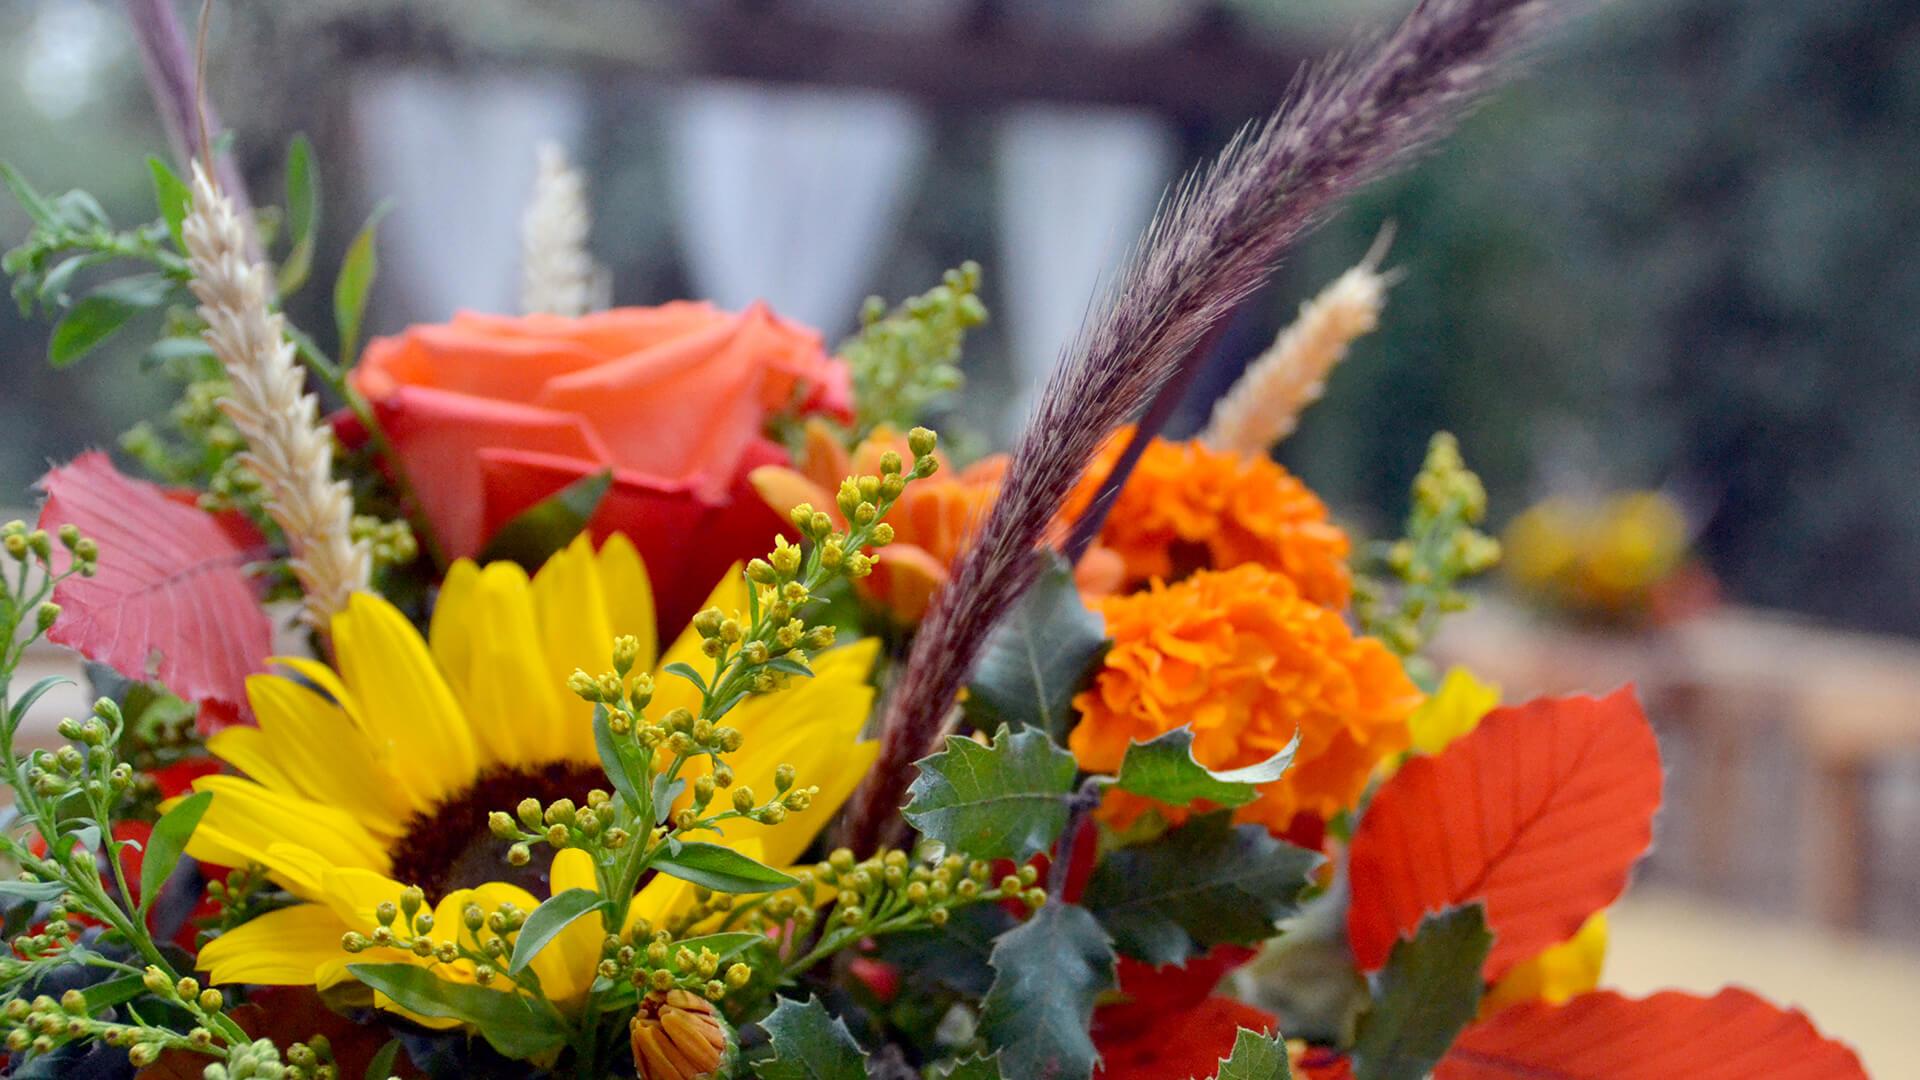 Treballs de floristeria